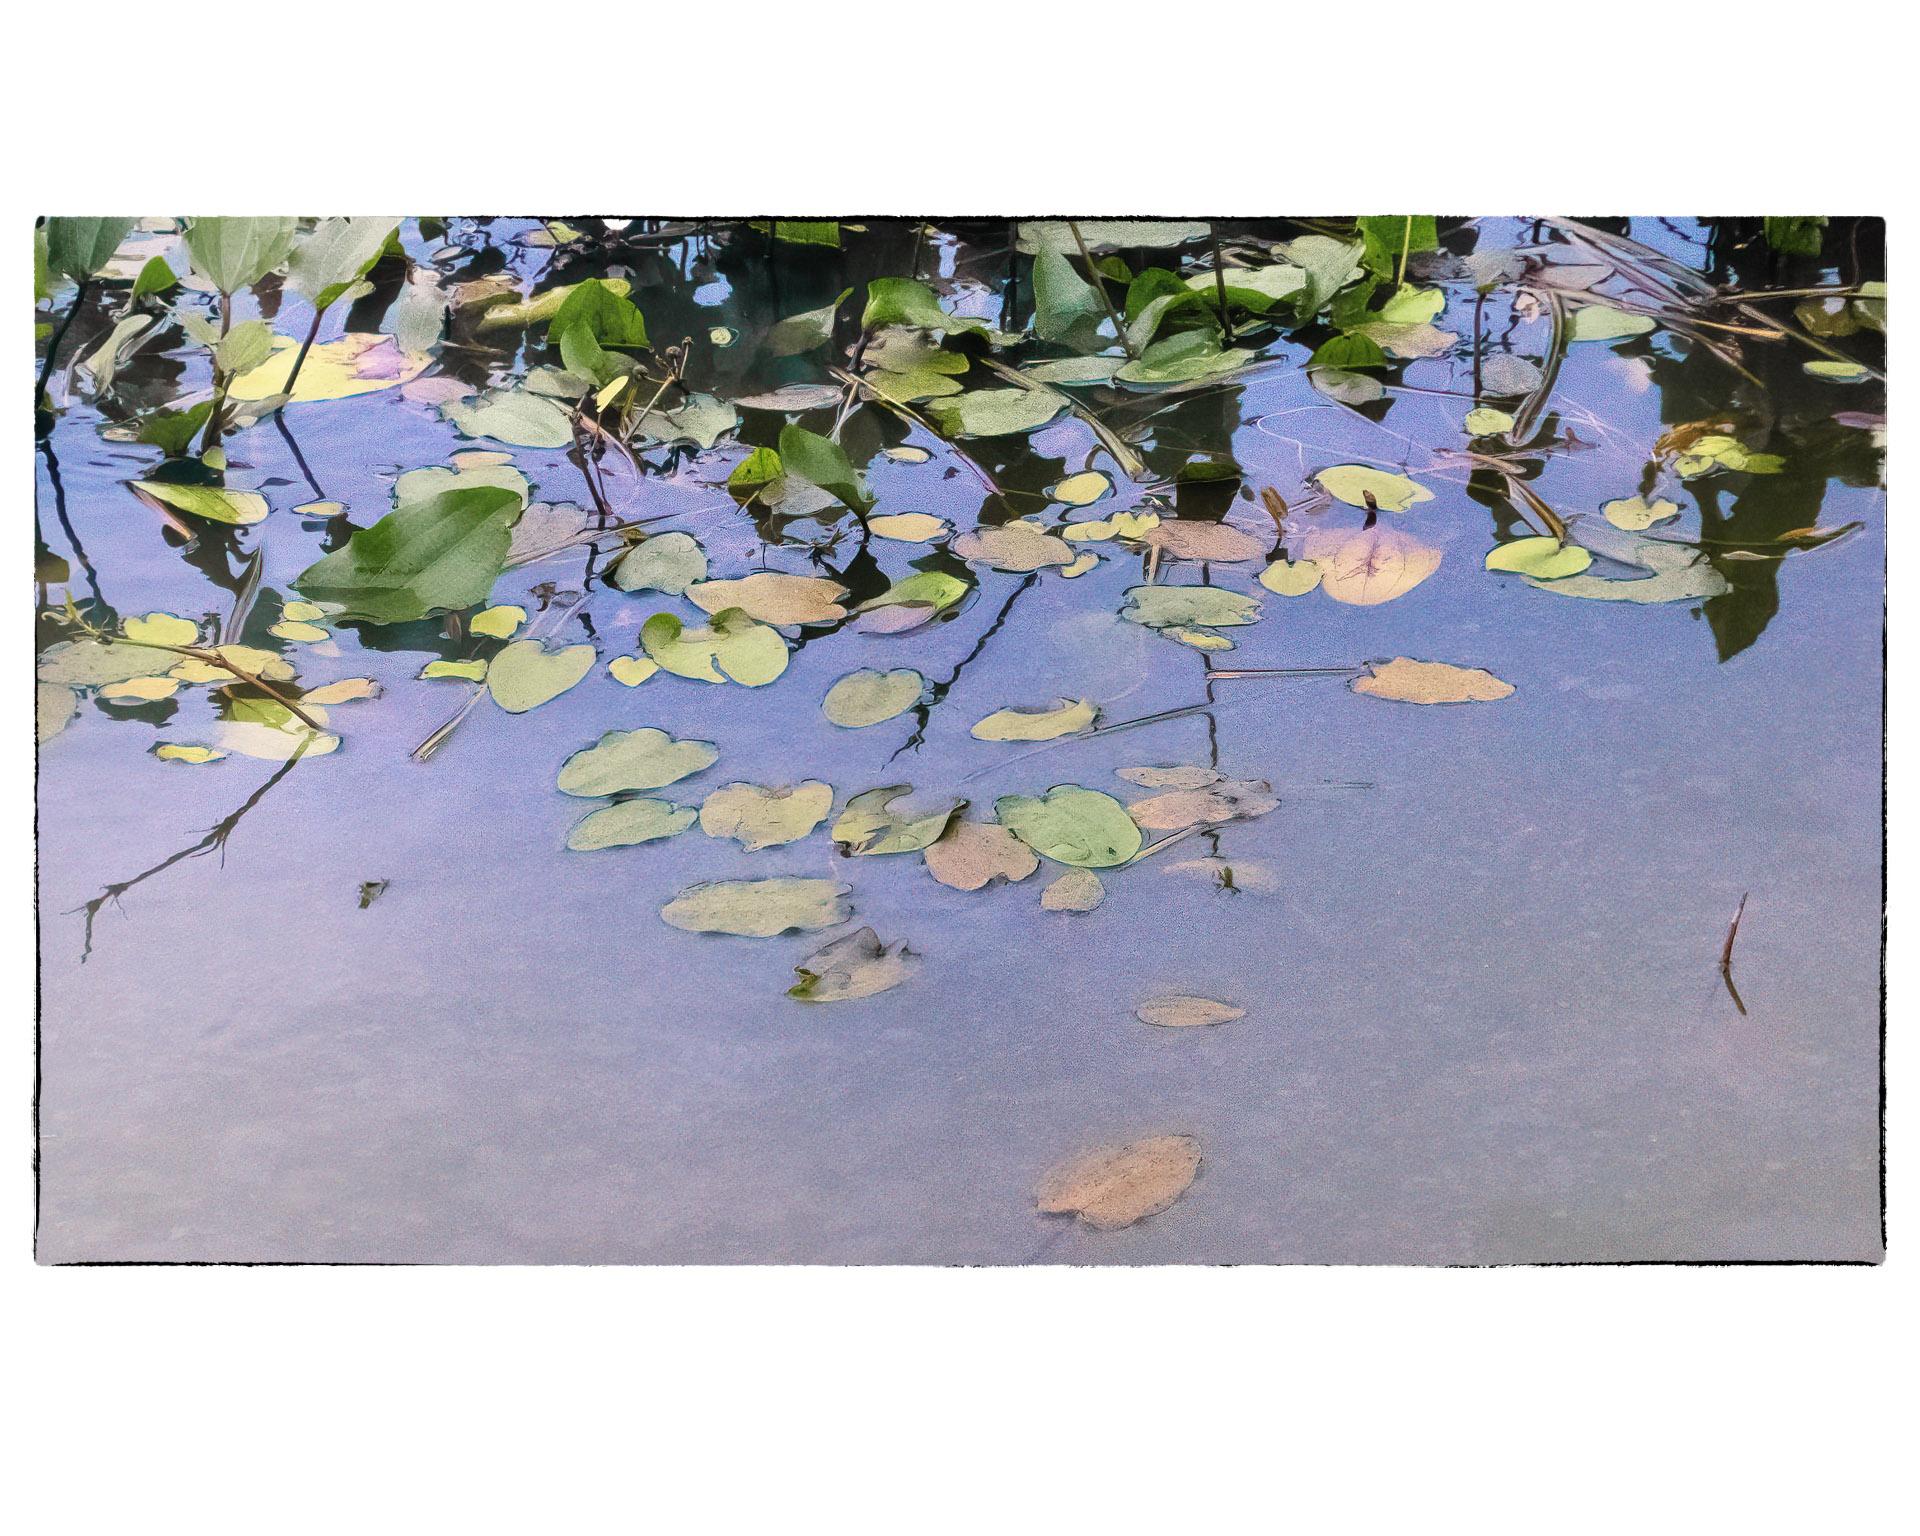 Arrowhead leaves floating on marsh surface